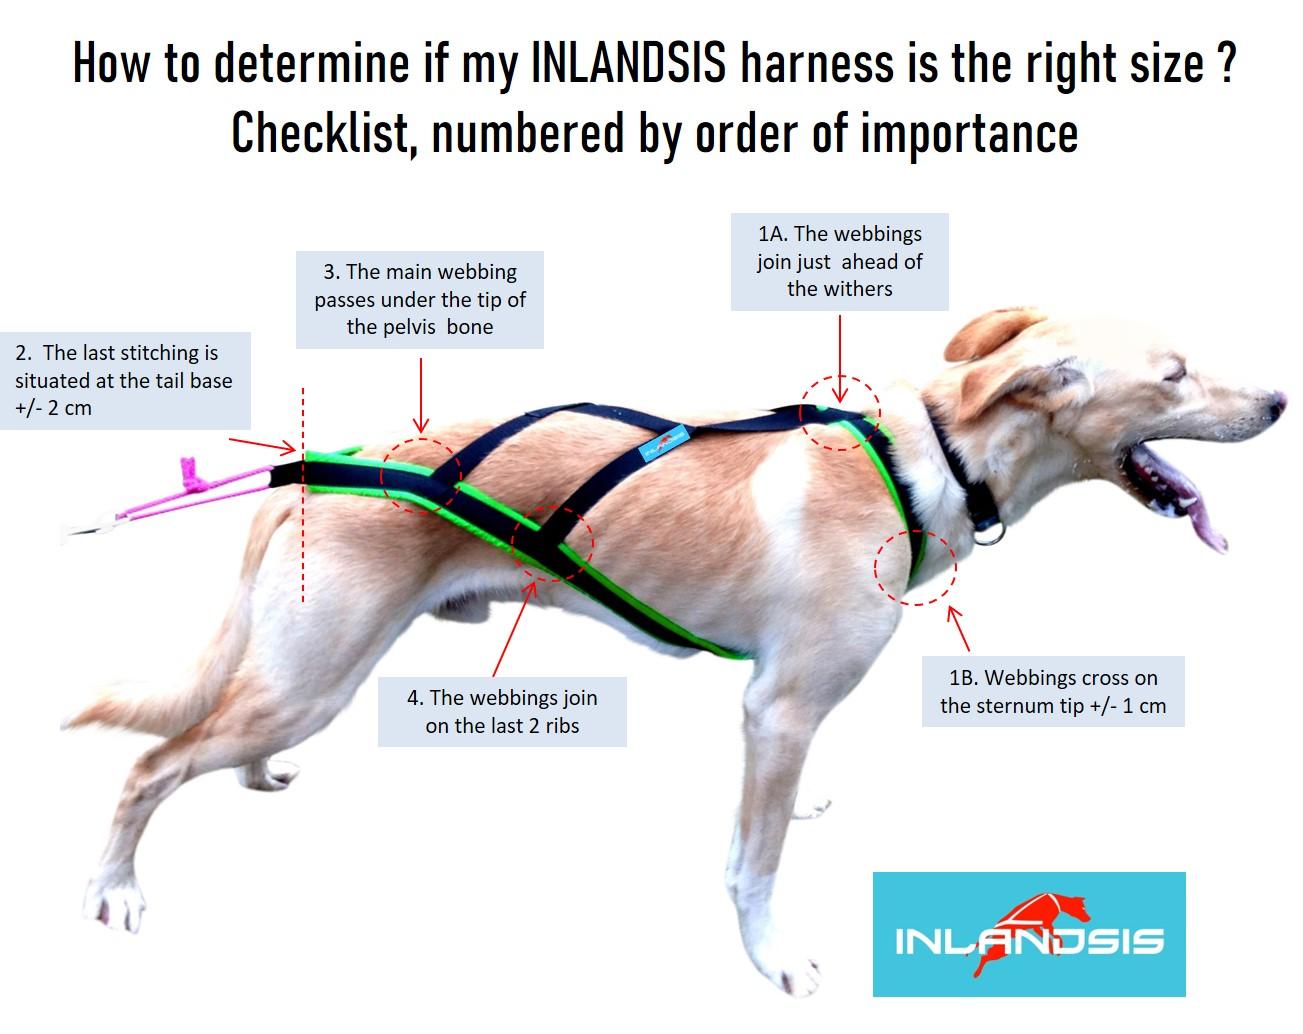 Inlandsis harness control checklist